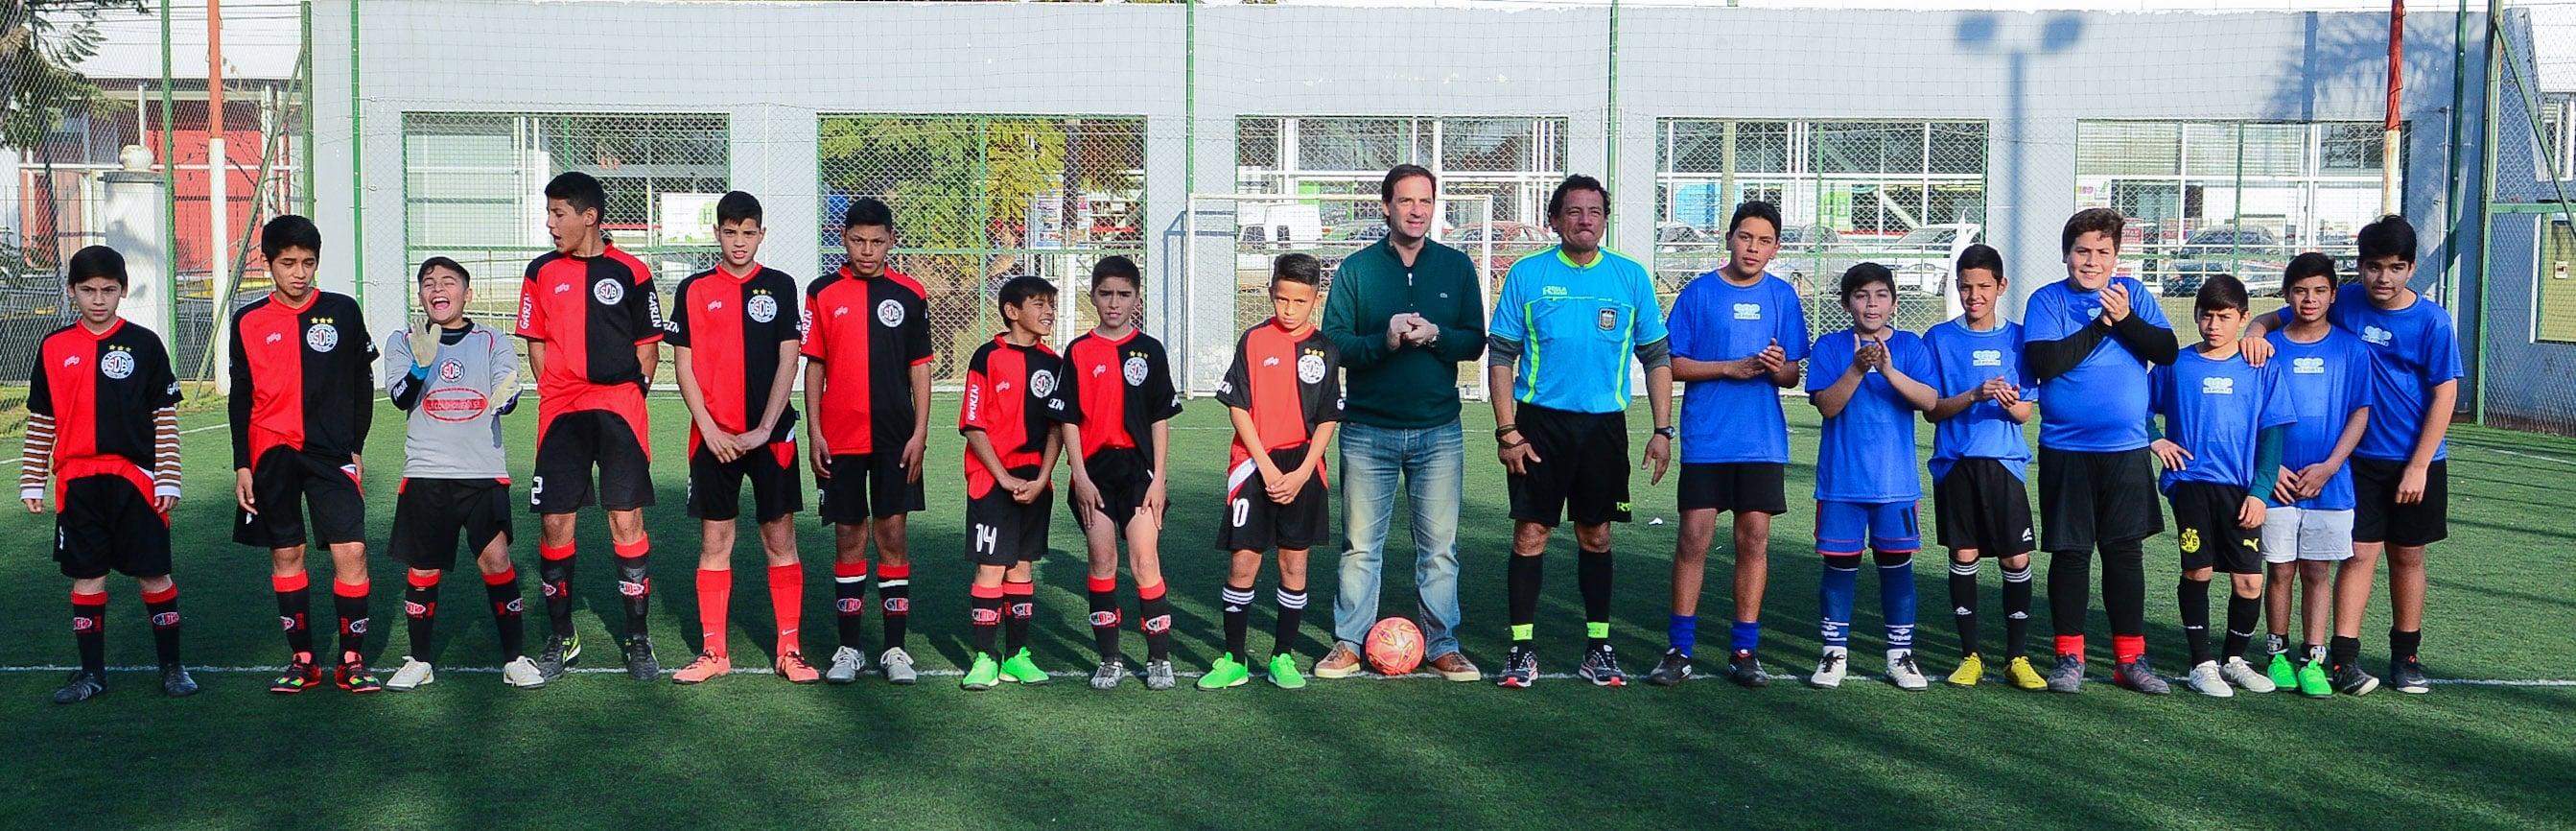 Los equipos  junto al intendente Ariel Sujarchuk previo al inicio del partido